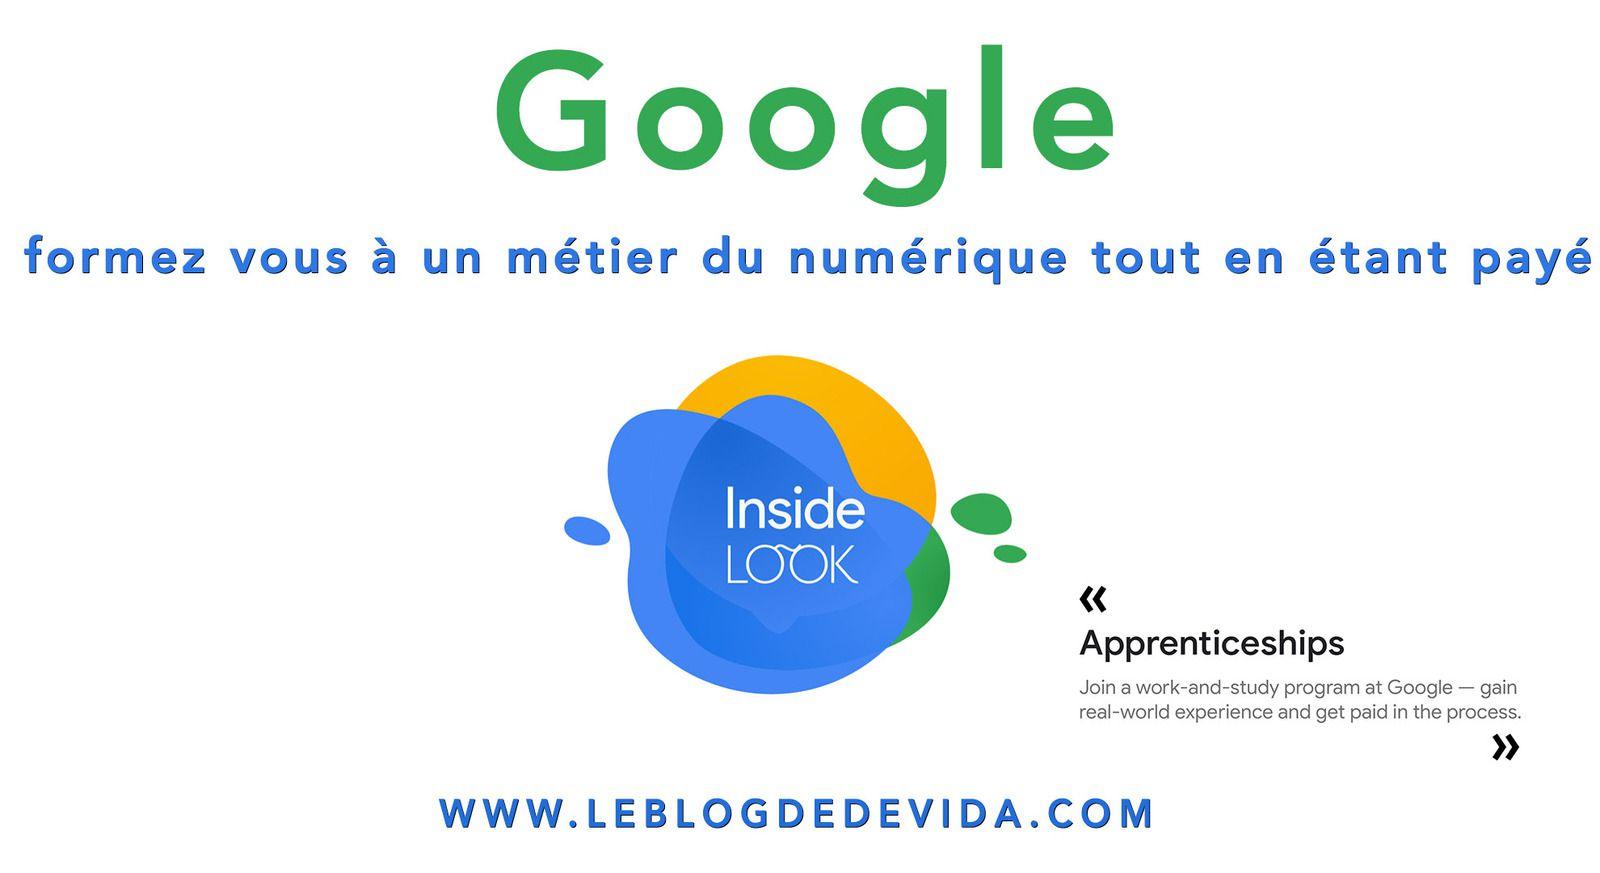 google inside look apprenticeship